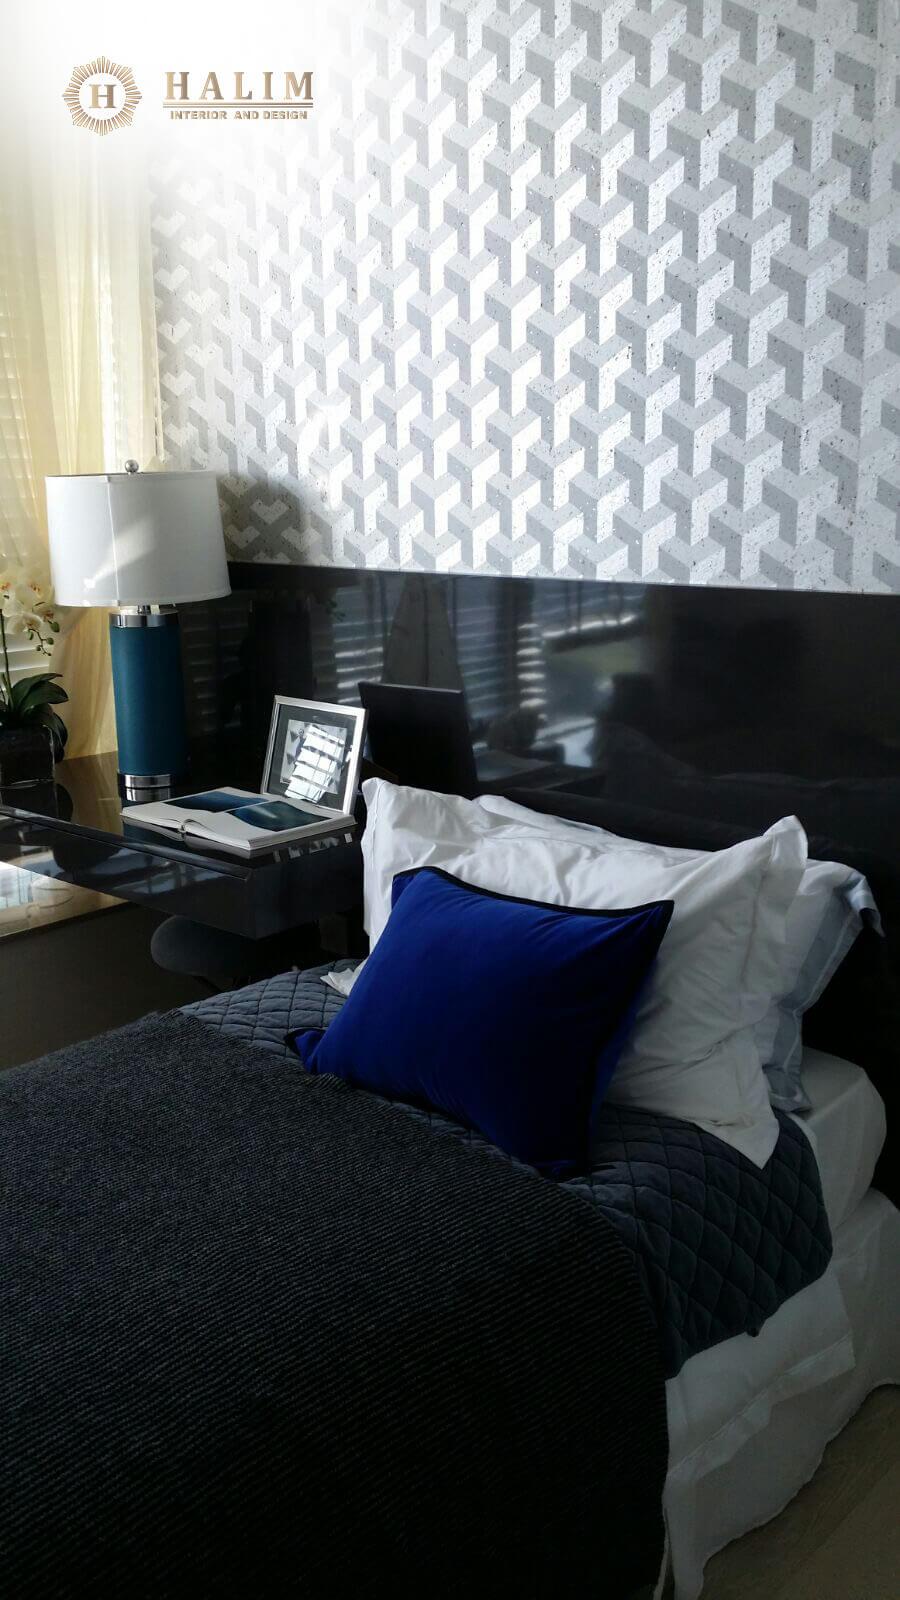 Halim interior modern furniture contemporer american style minimalist european